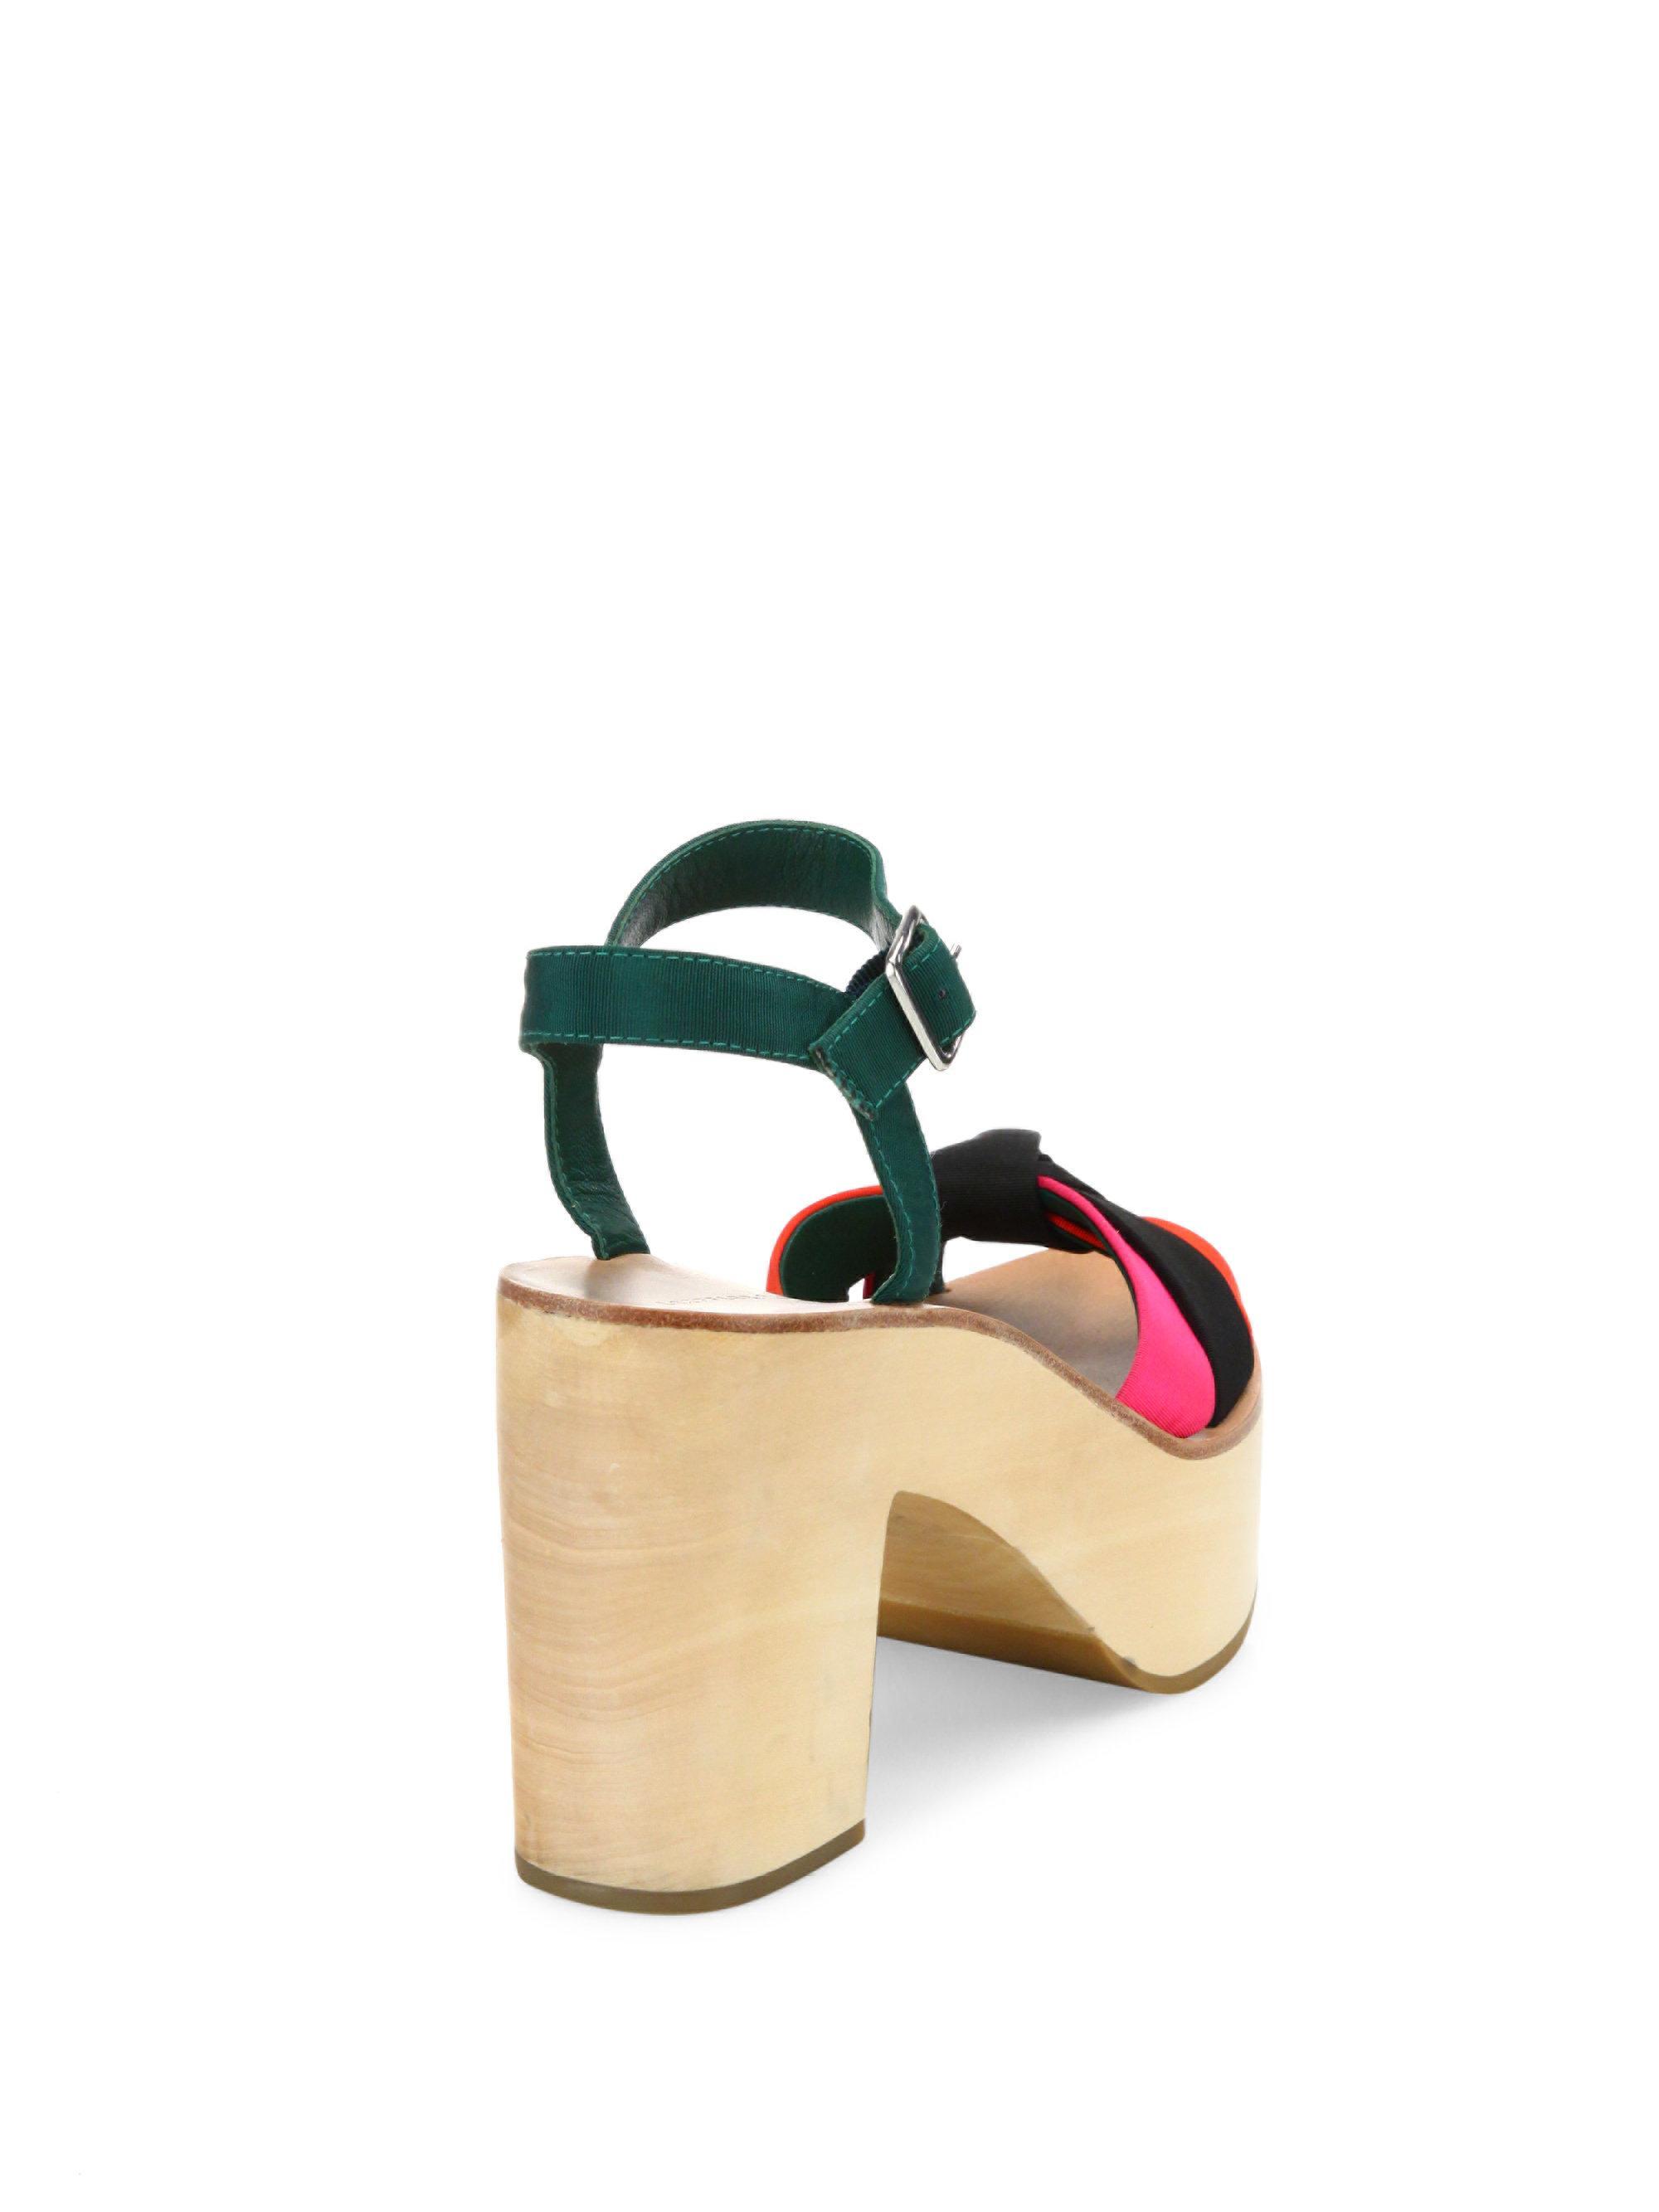 e3abdda46467 Lyst - Loeffler Randall Elsa Colorblock Platform Sandals